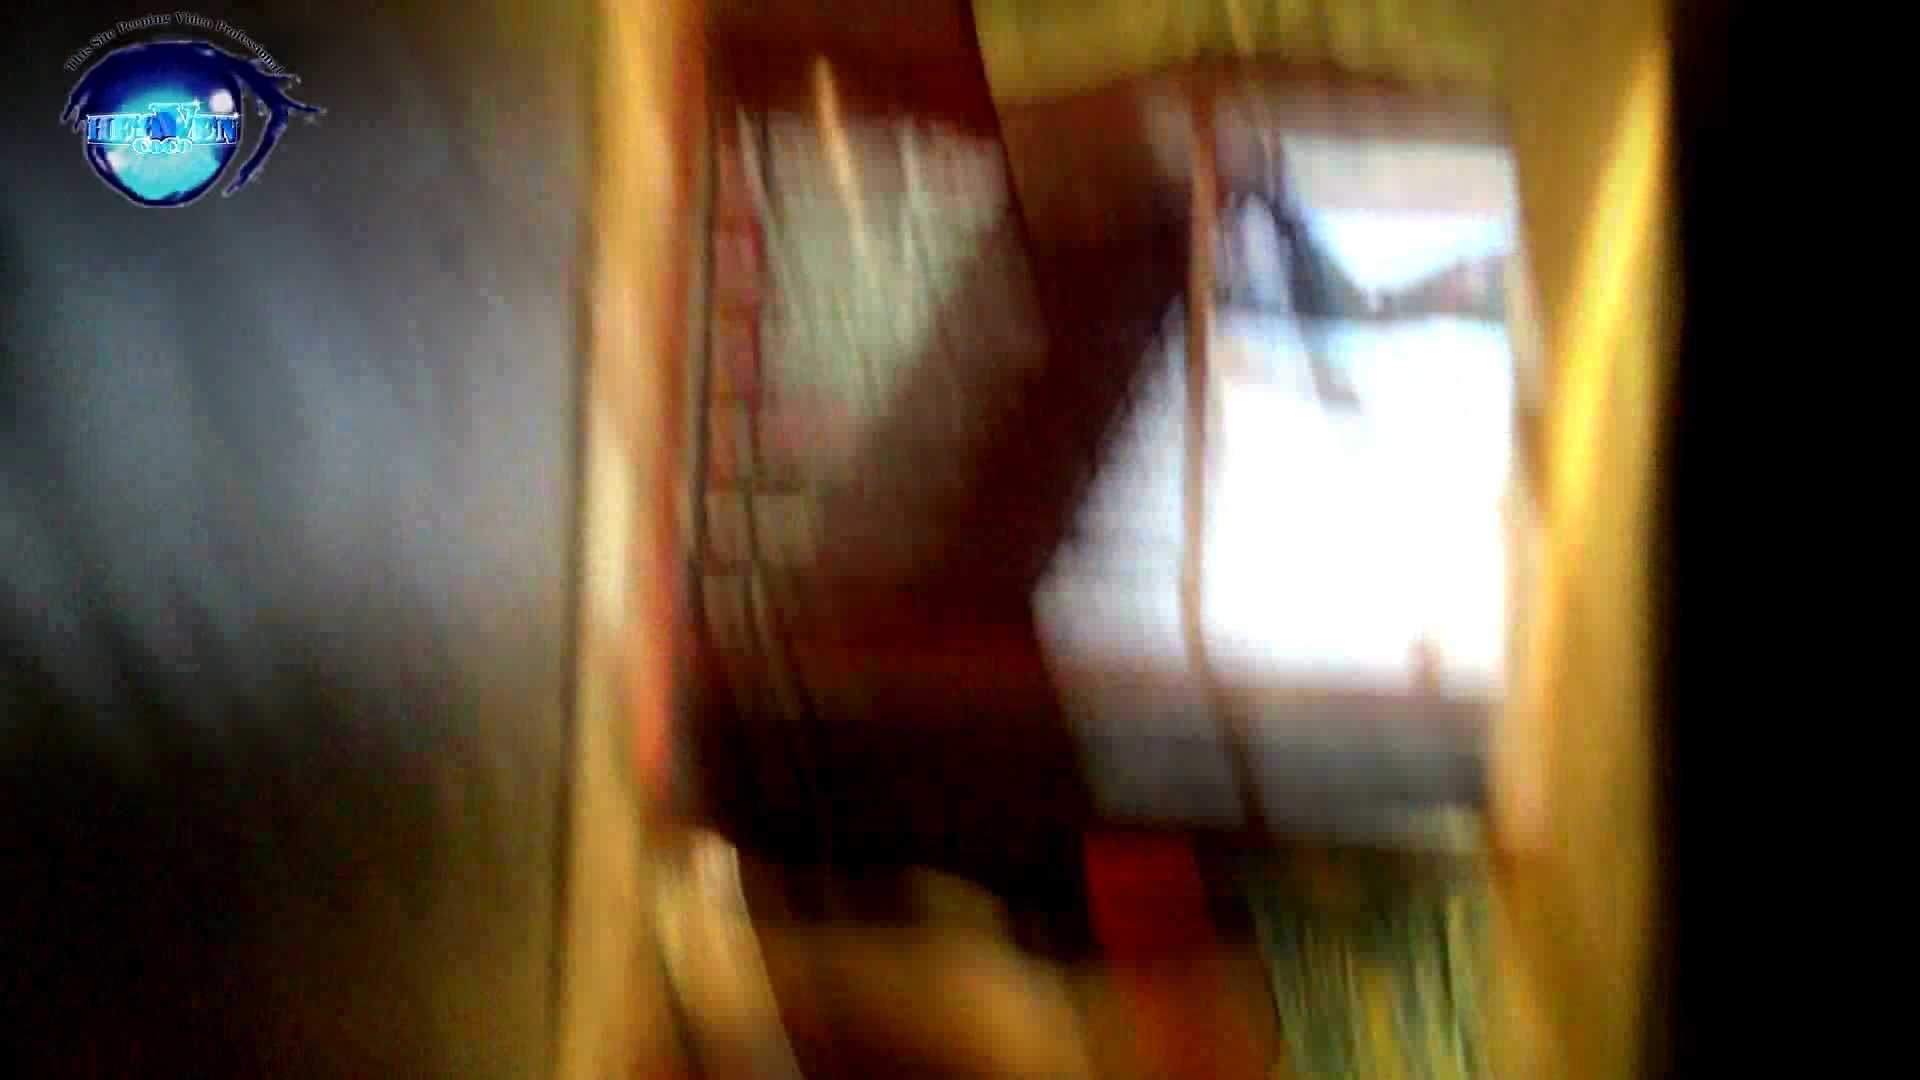 GOD HAND ファッションショッピングセンター盗撮vol.06 OLエロ画像 | 高画質  72PICs 25